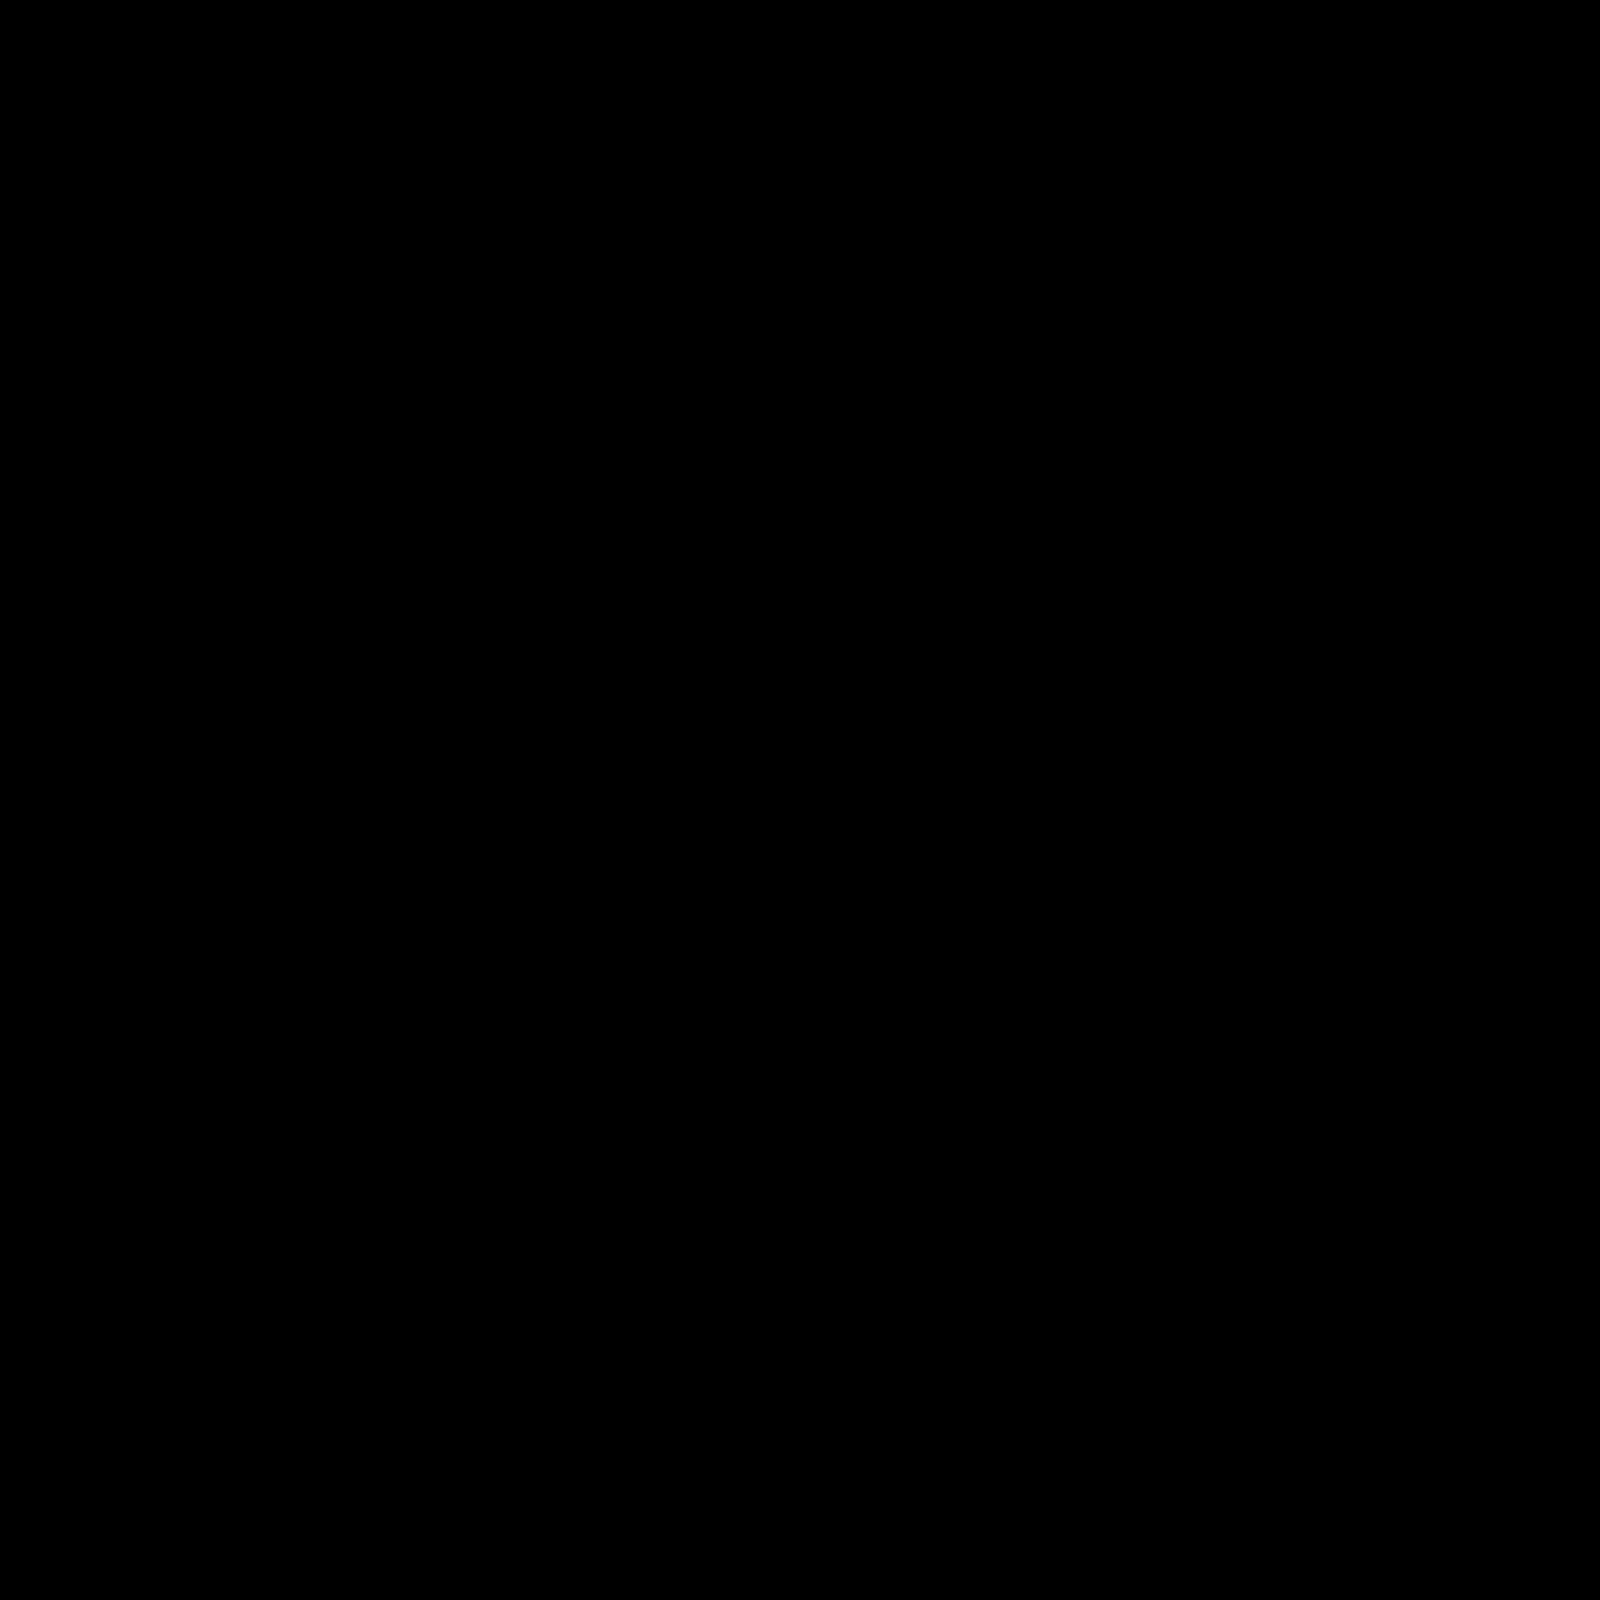 Sofa z guzikami icon